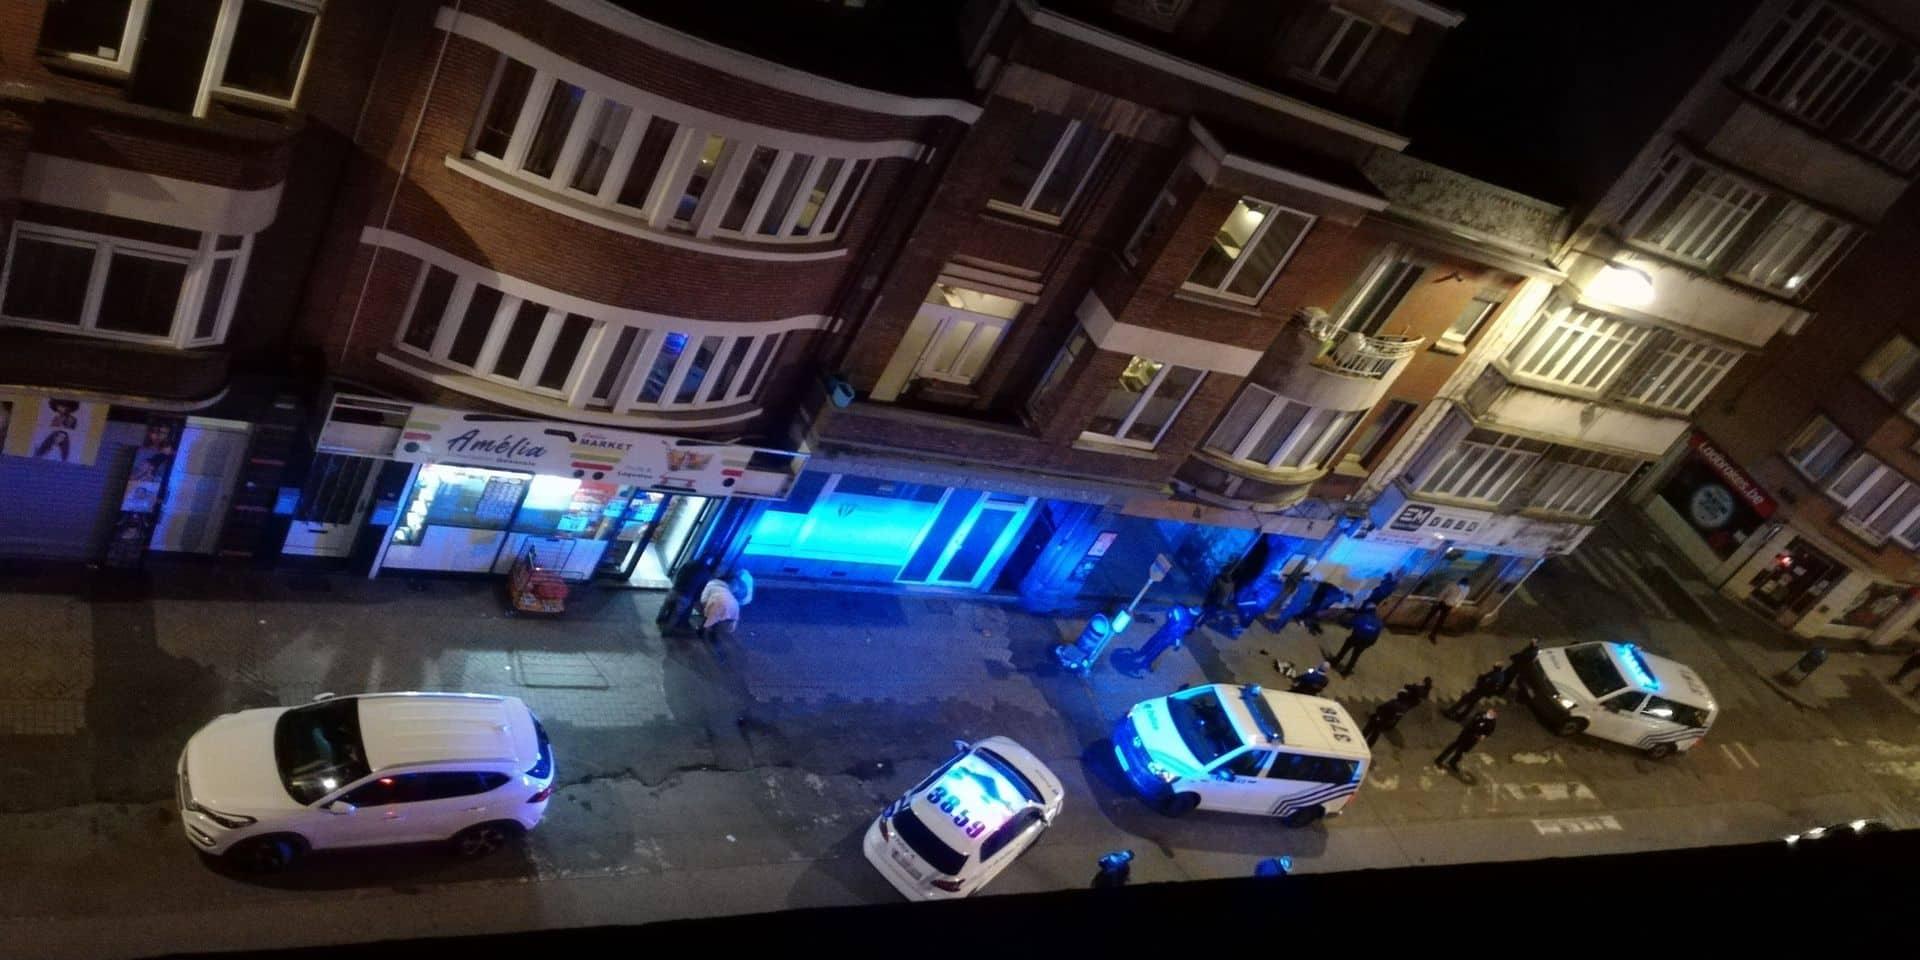 """Nouvelle opération """"anti-deal de rue"""" à la ville haute de Charleroi: huit personnes arrêtées, 38 g de drogues saisis"""